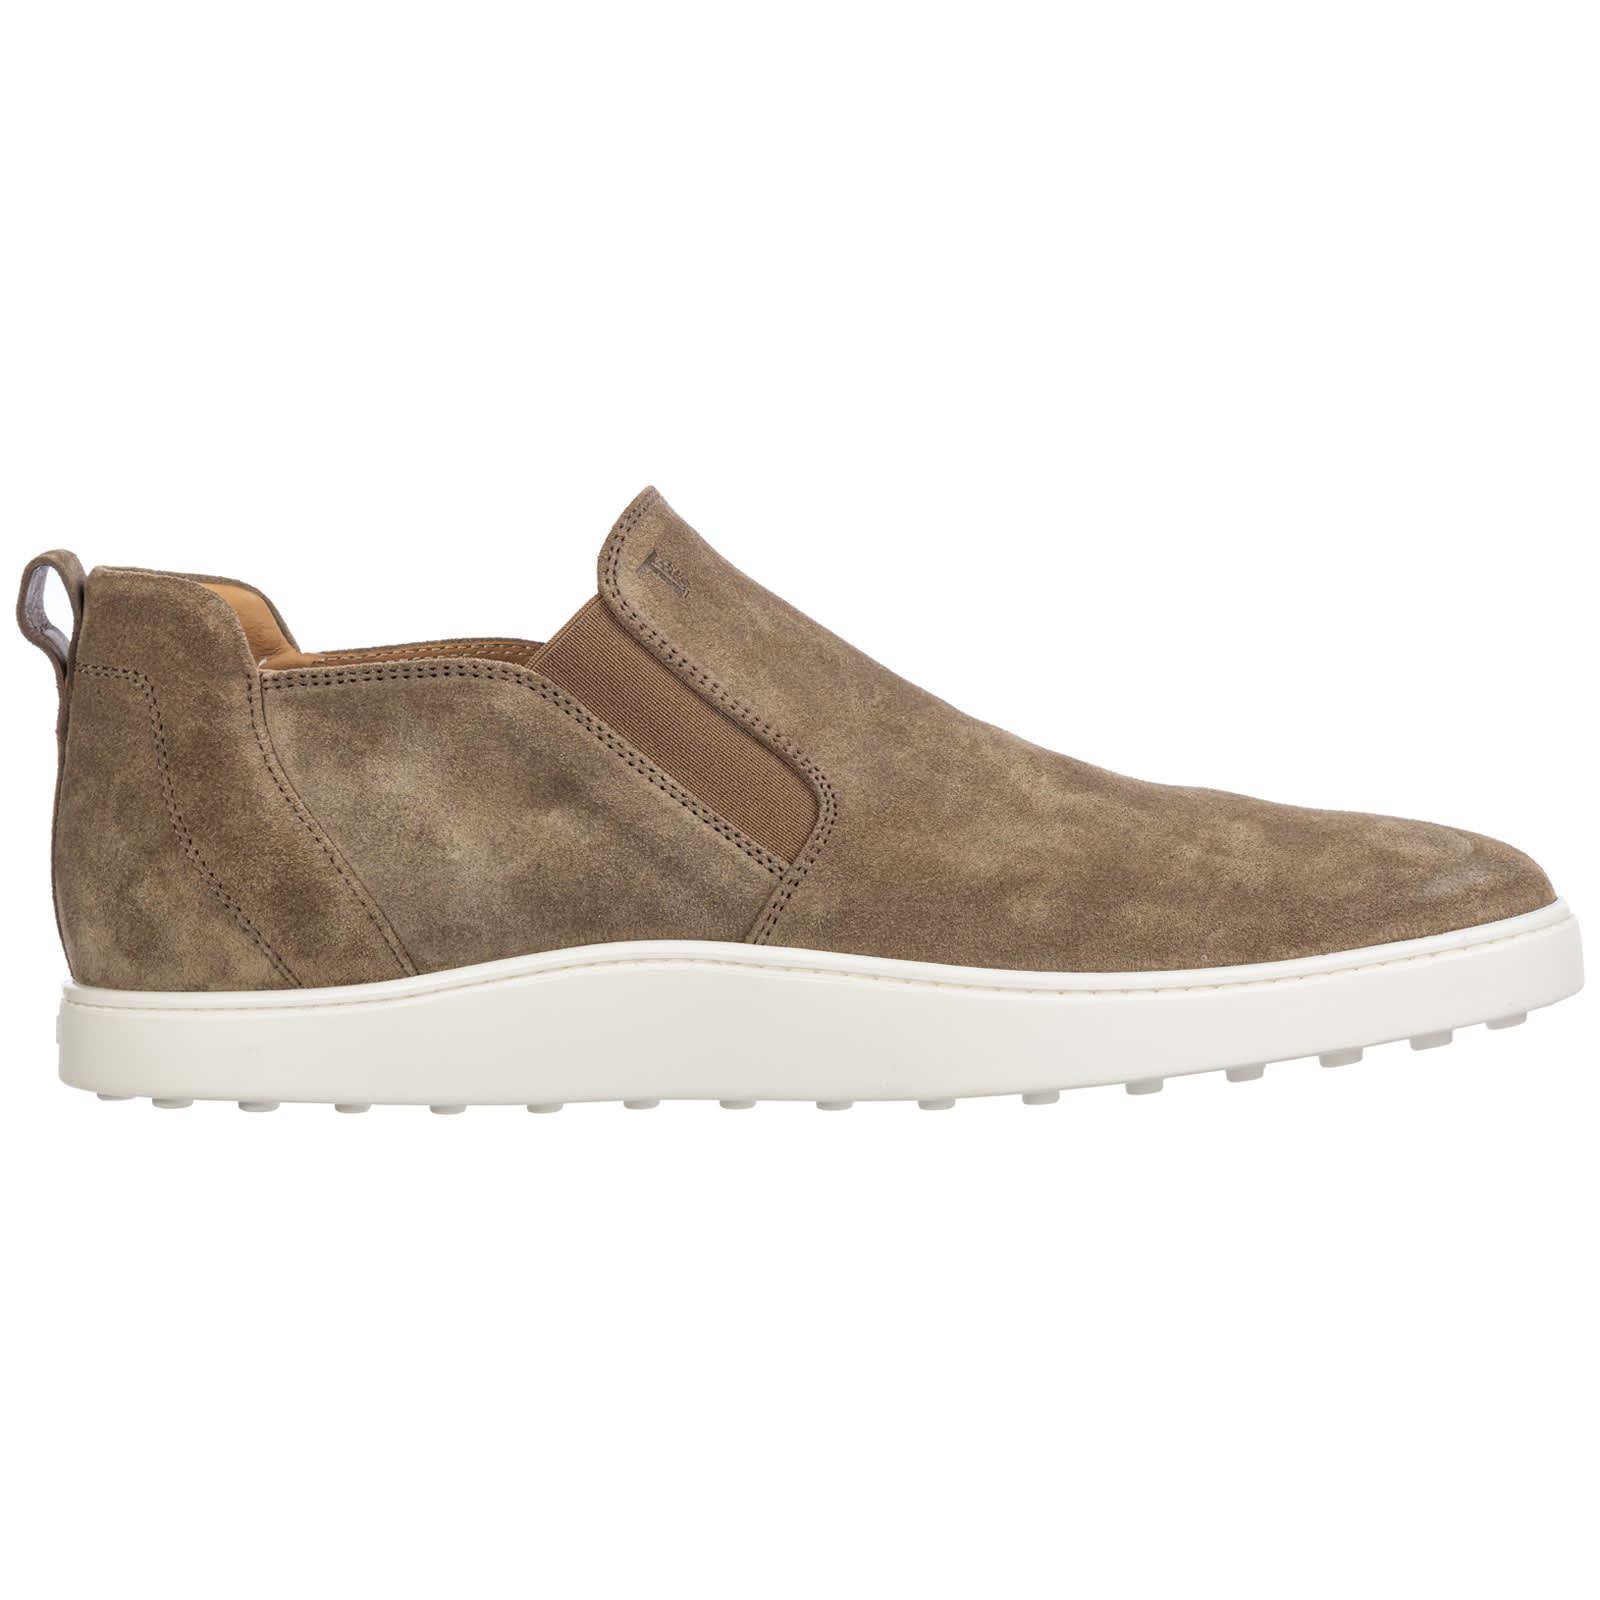 Tods City Desert Boots